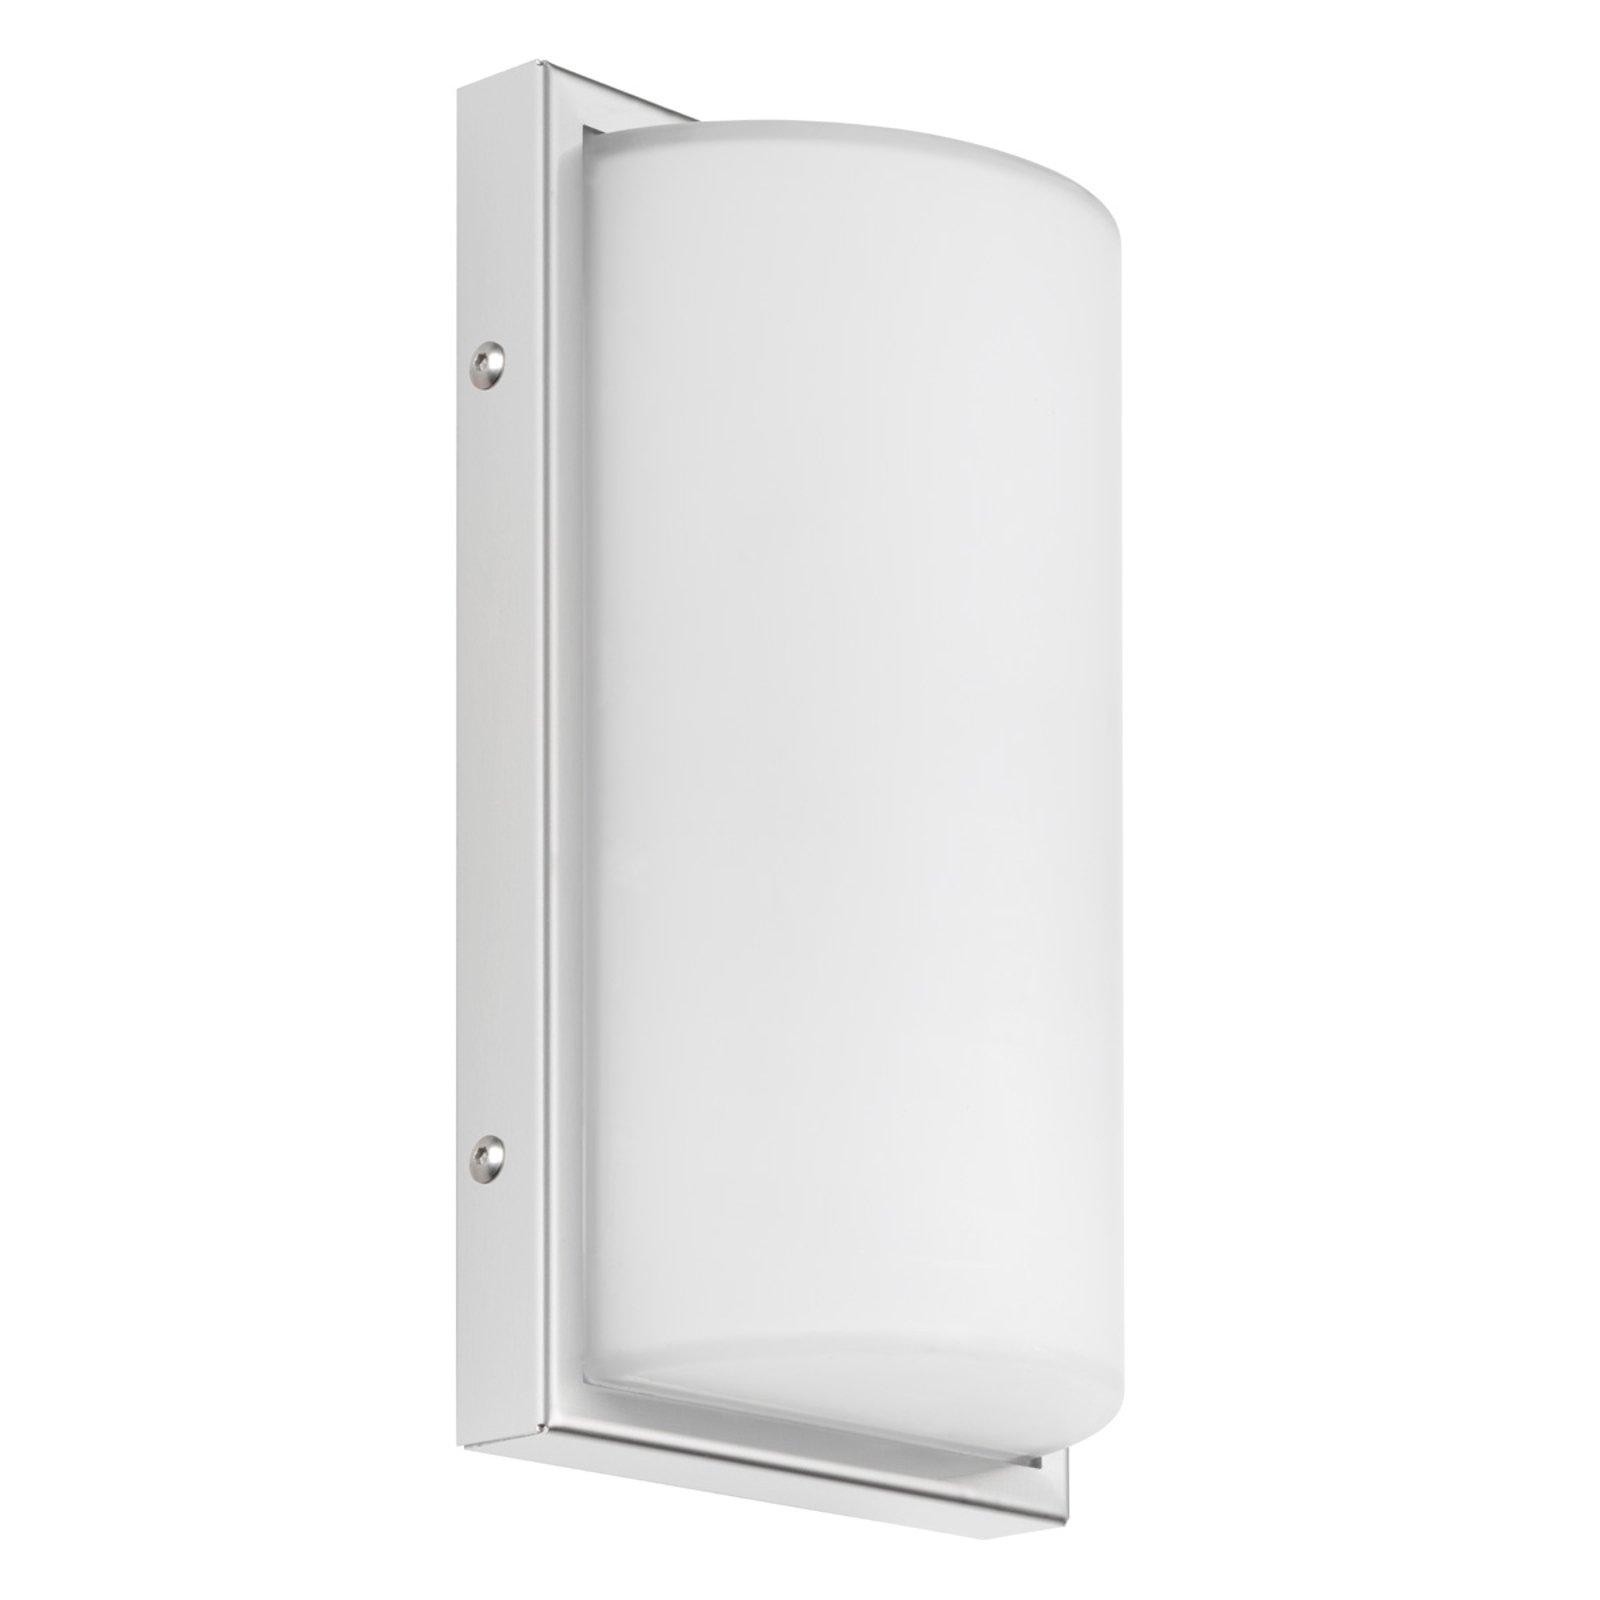 040 utendørs LED-vegglampe, hvit